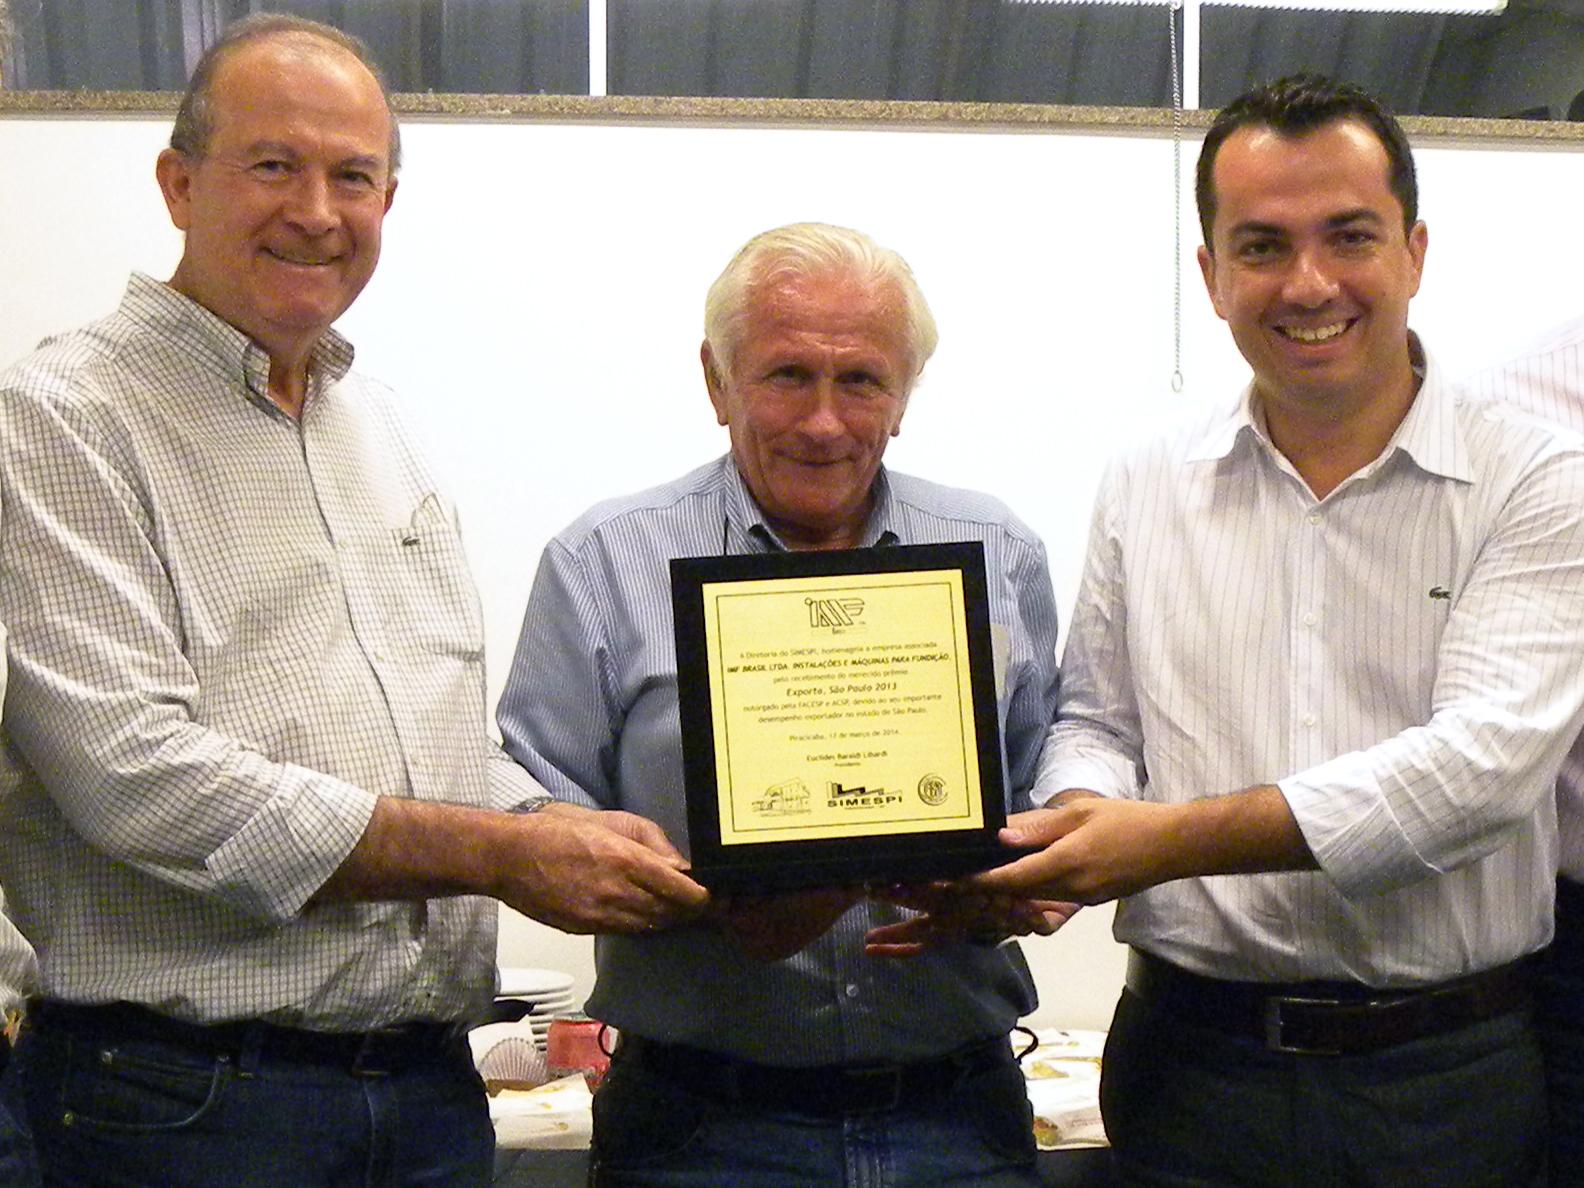 Simespi destaca conquista de premiação recebida pela empresa IMF Brasil